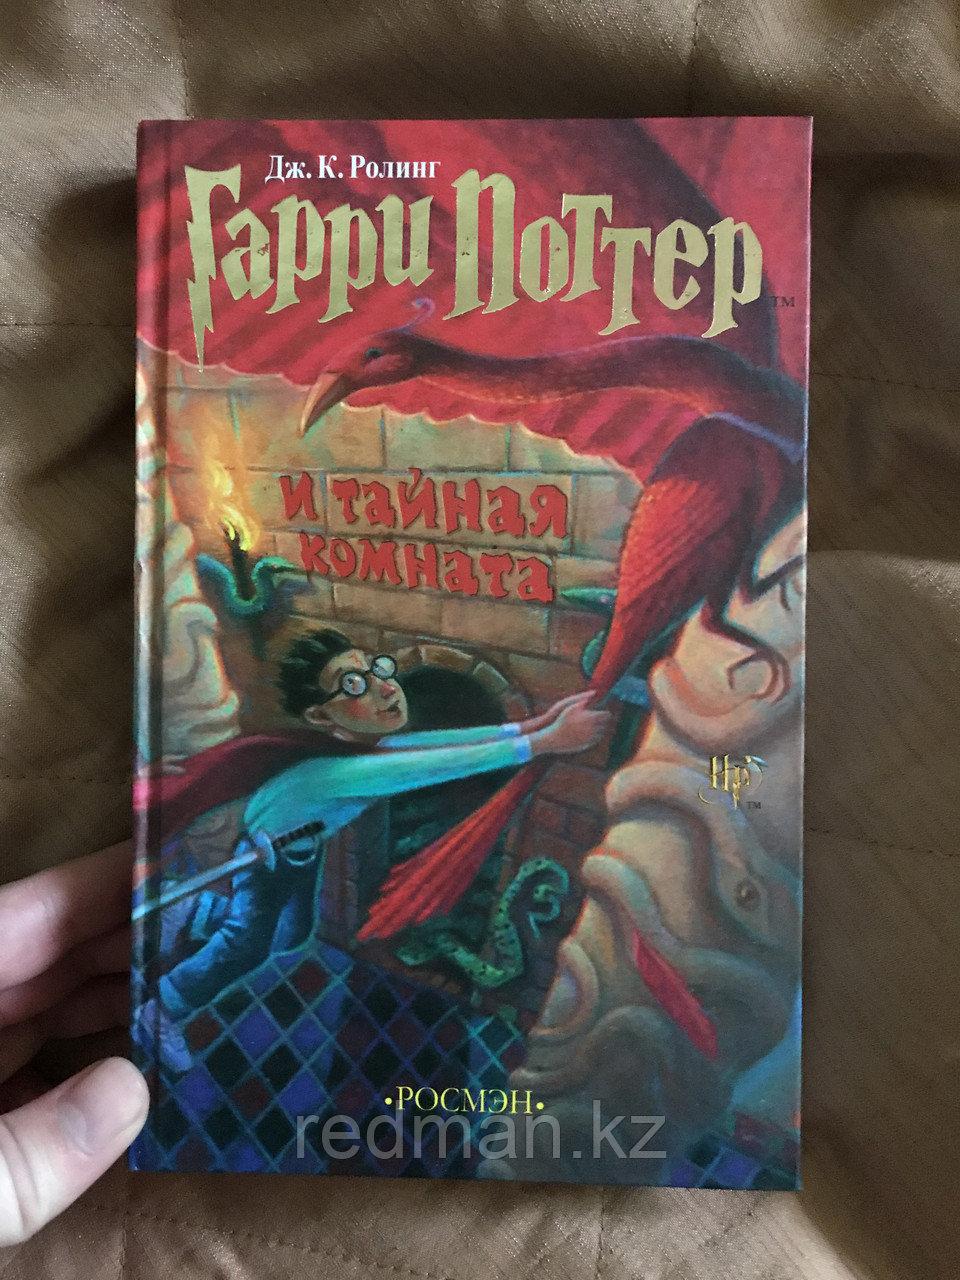 Комплект книг Гарри Поттер в переводе от Росмэн (старый перевод) - фото 3